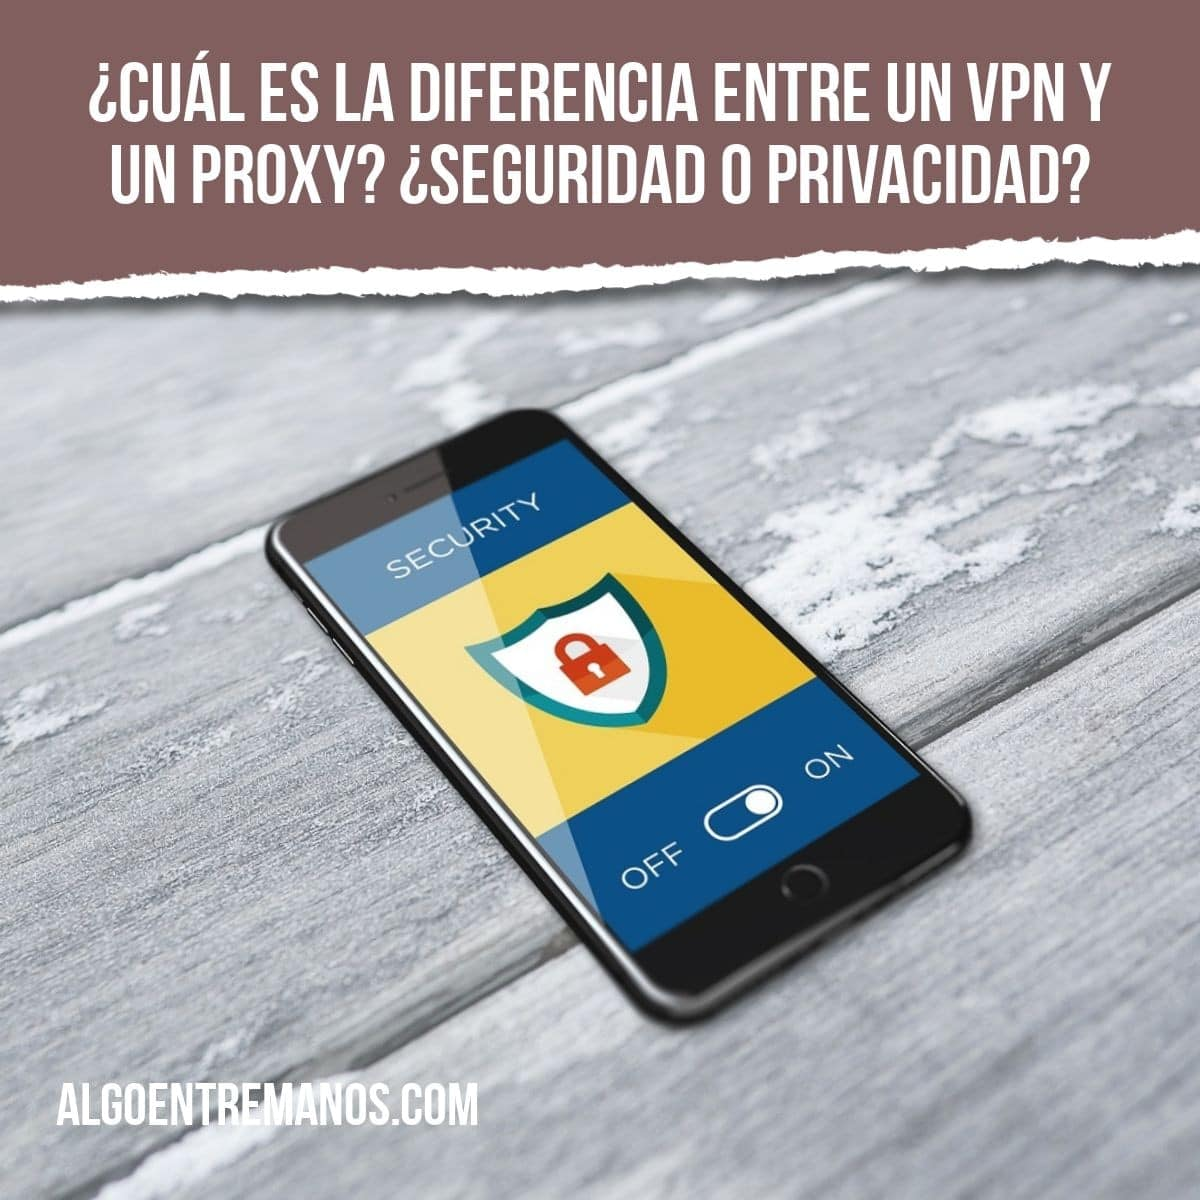 ¿Cuál es la diferencia entre un VPN y un Proxy? ¿Seguridad o privacidad?